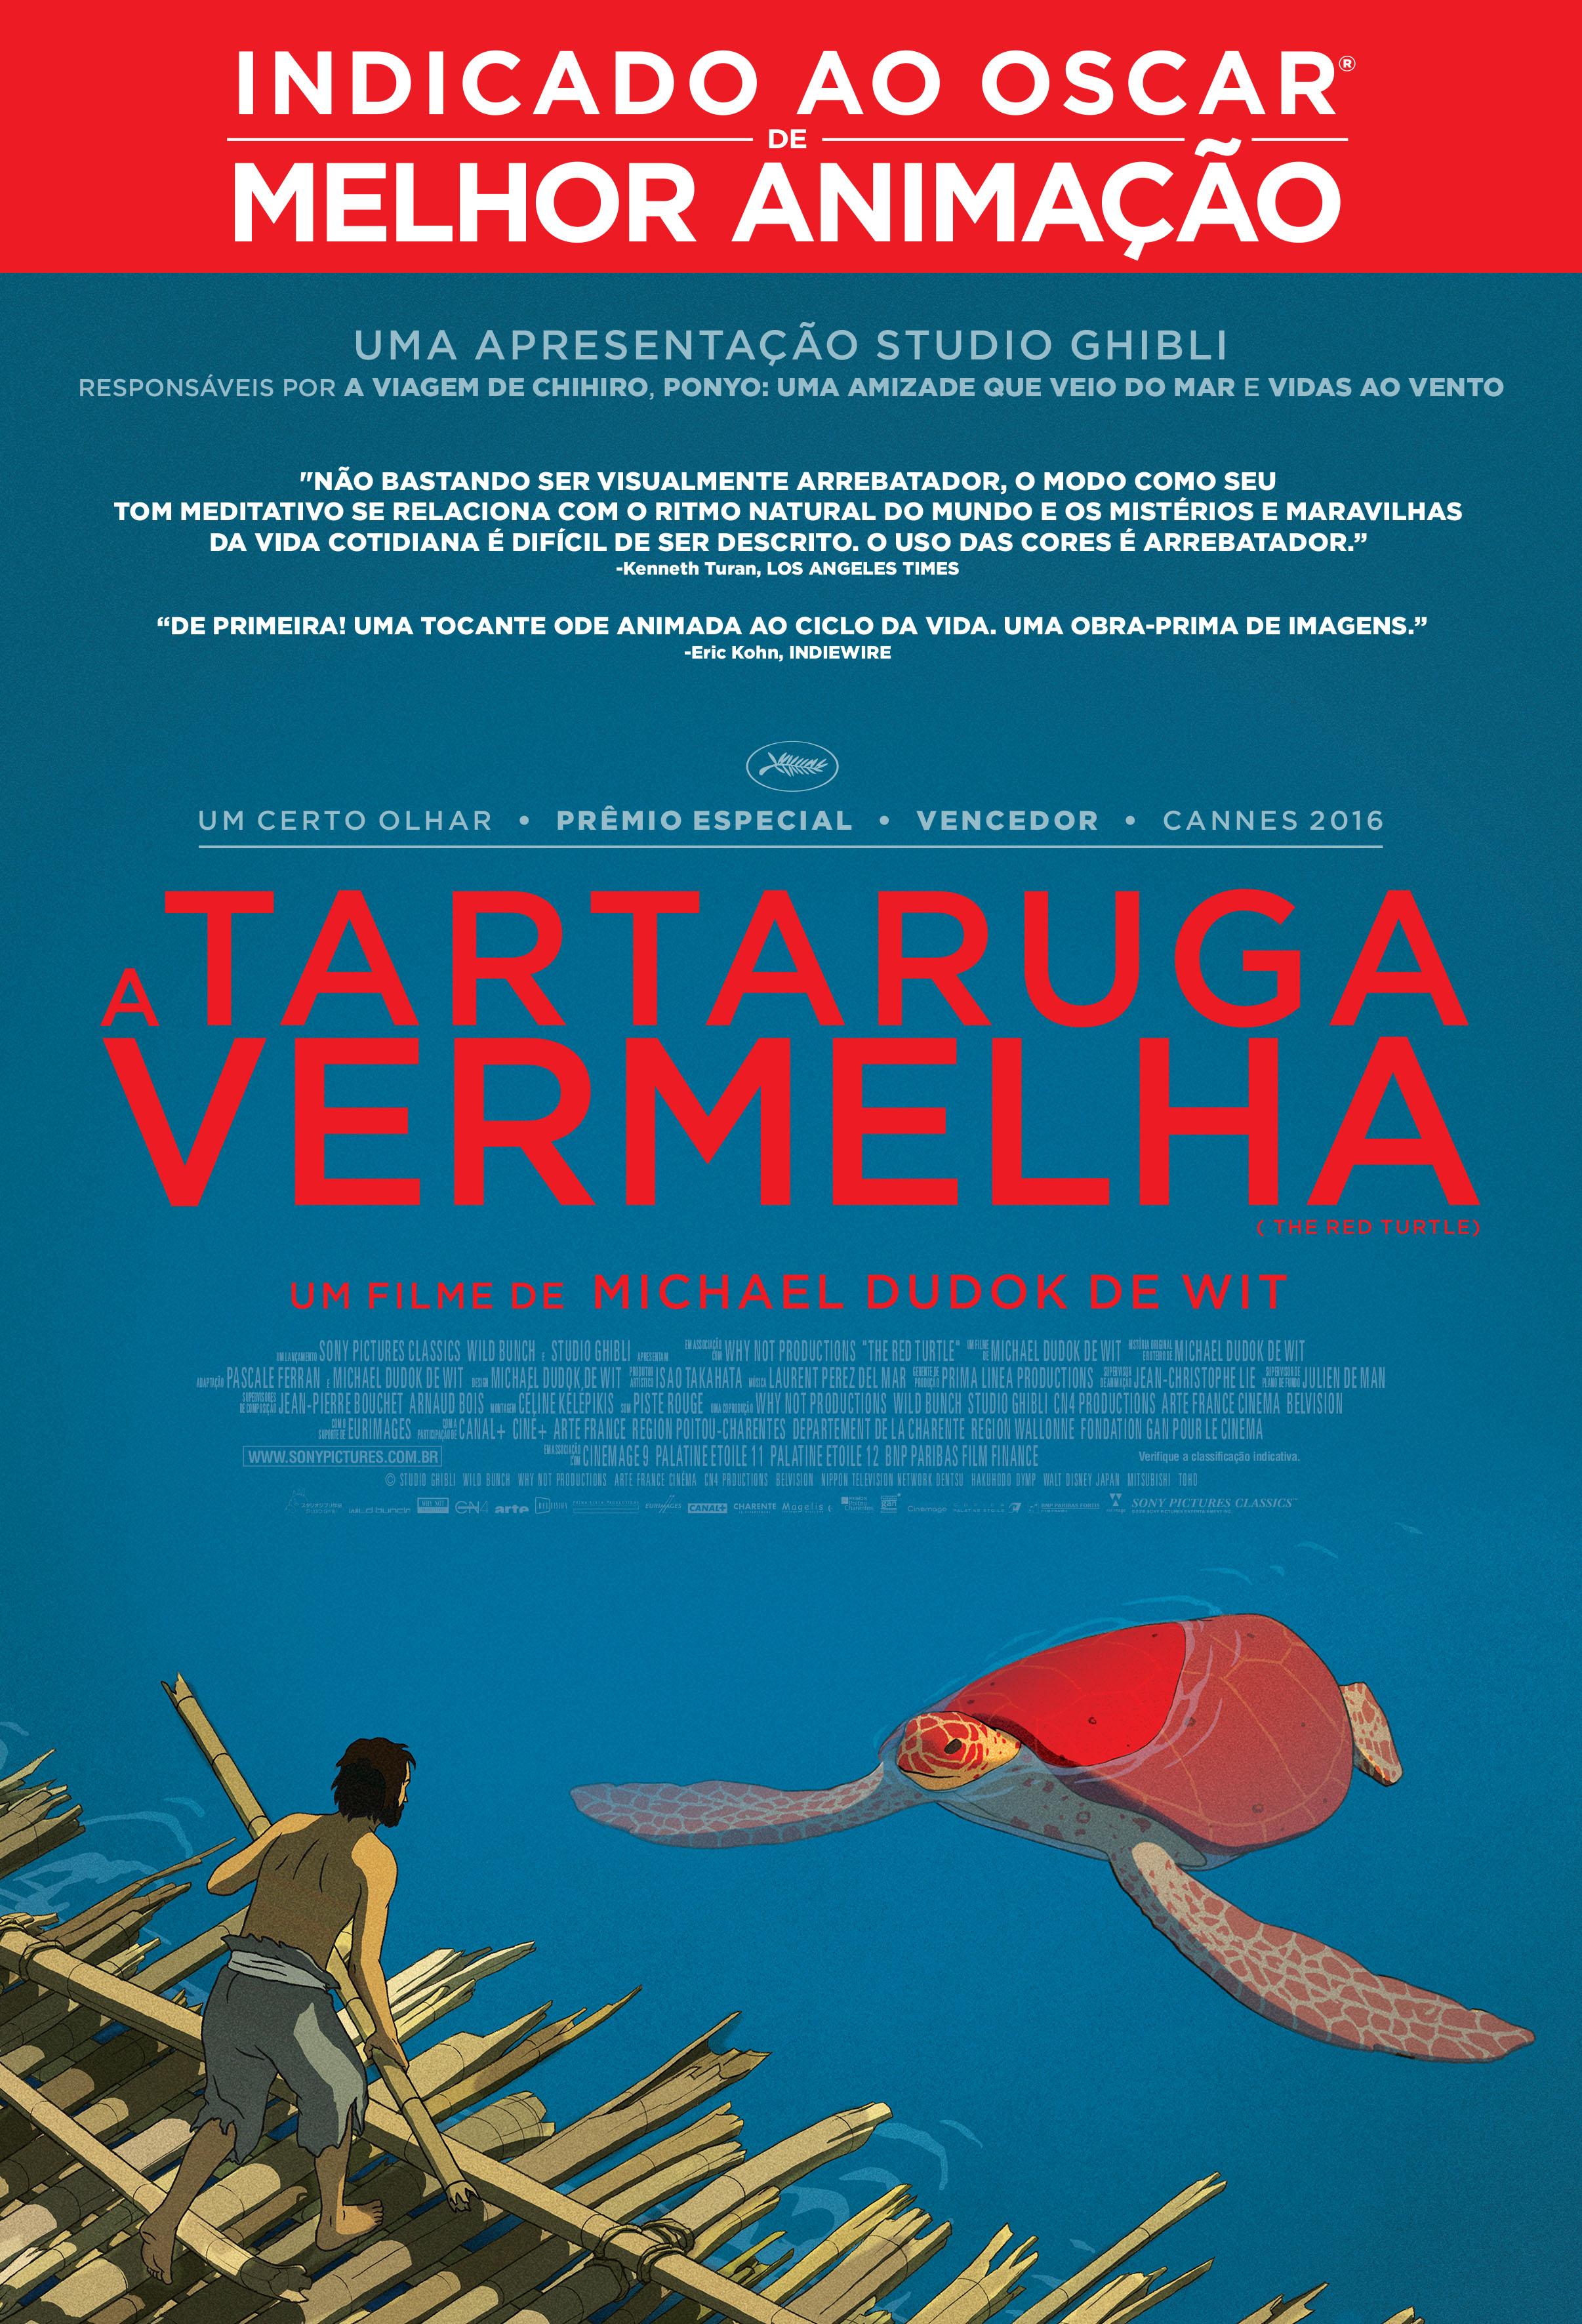 Resultado de imagem para A Tartaruga Vermelha (2016)